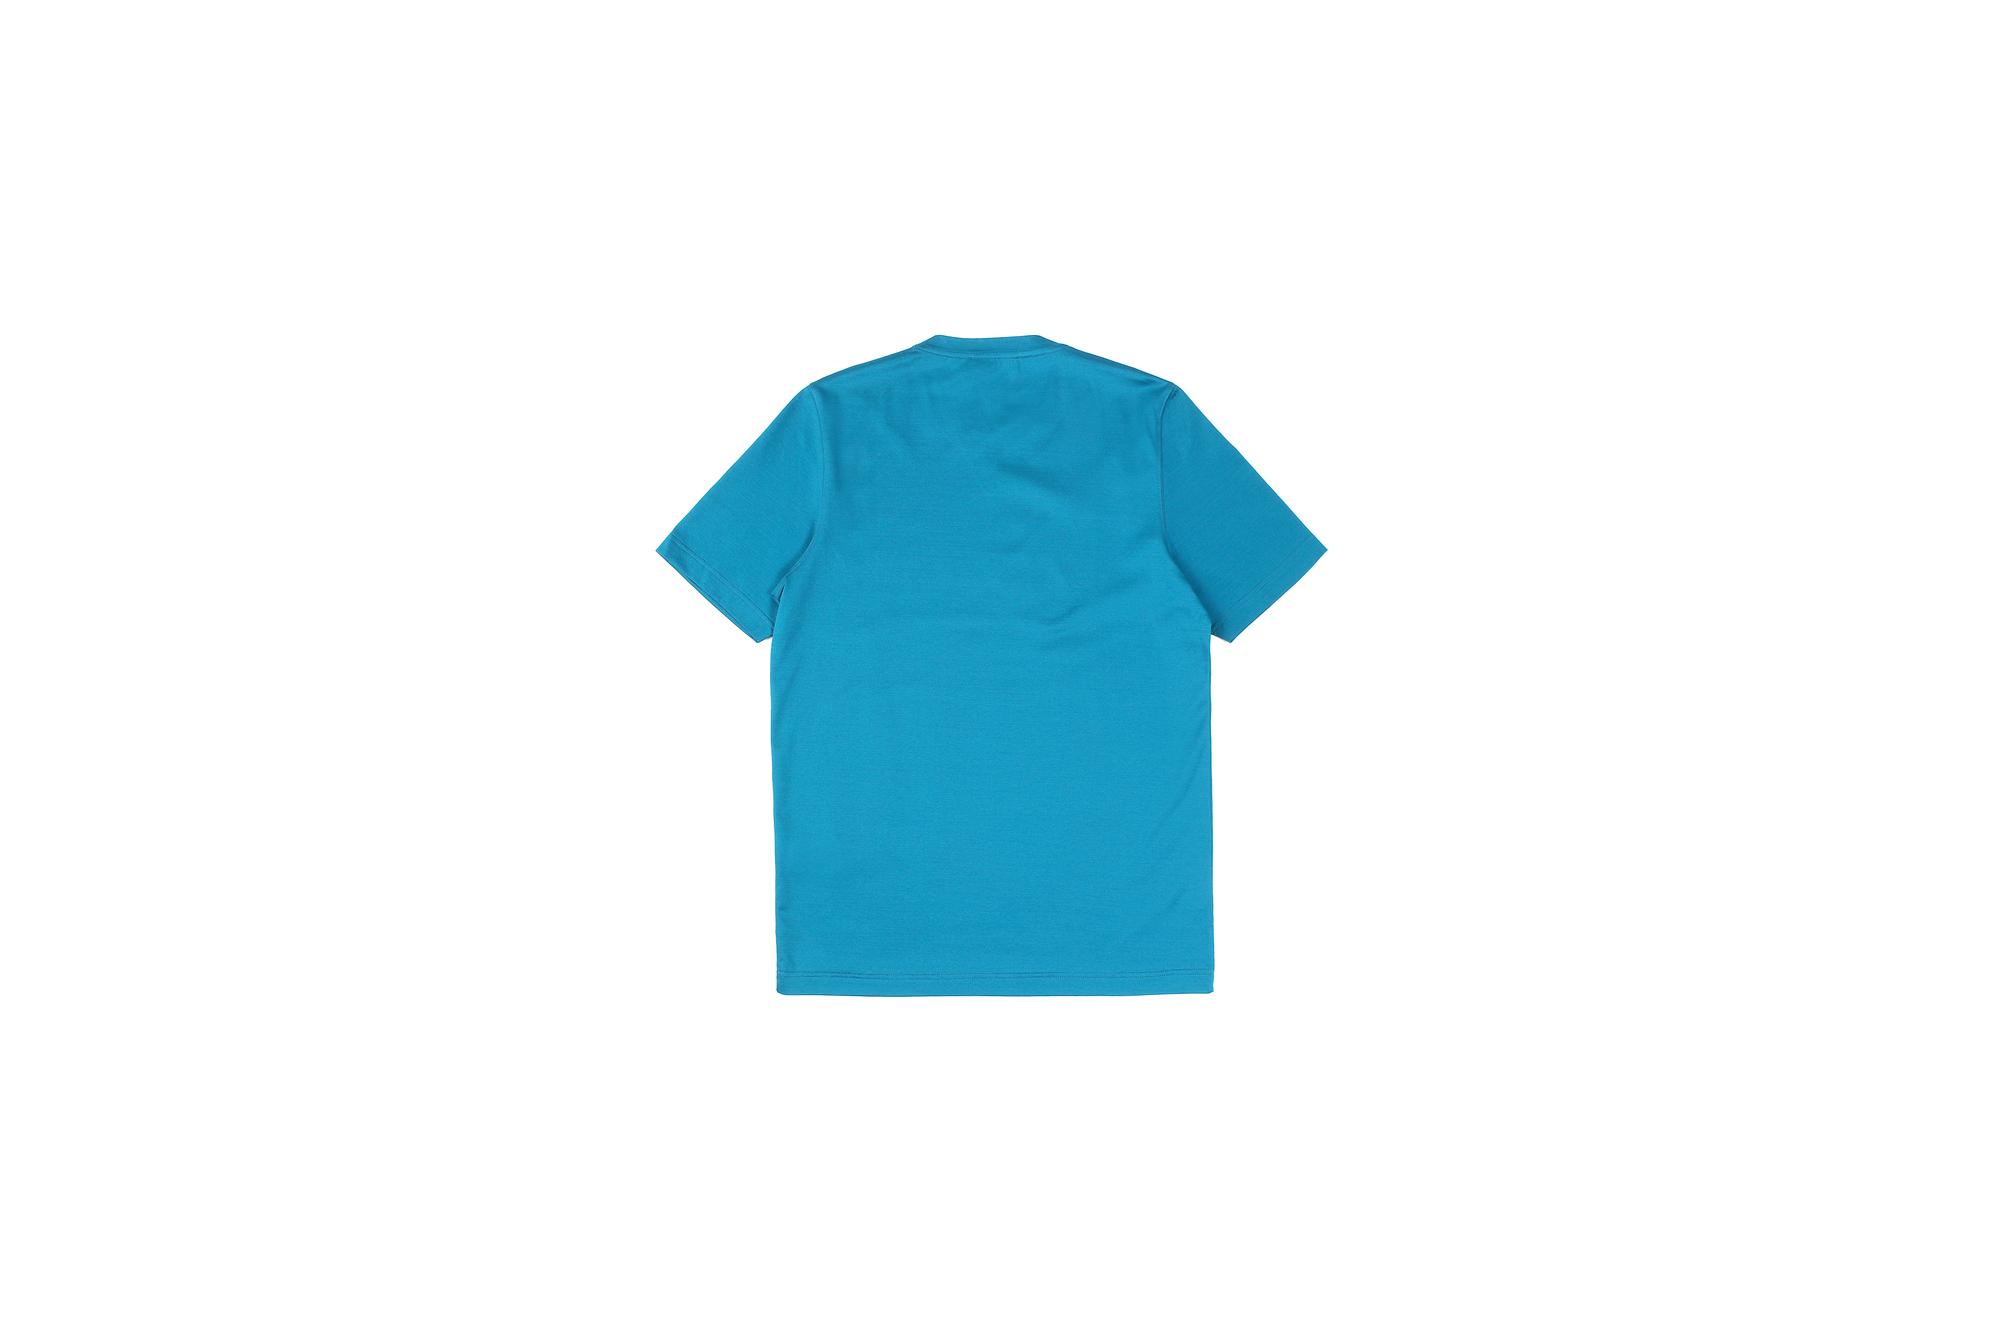 Gran Sasso (グランサッソ) Crew Neck T-shirt (クルーネック Tシャツ) Mercerised Cotton マーセライズドコットン Tシャツ TURQUOISE (ターコイズ・546) made in italy (イタリア製) 2021春夏新作 gransasso 愛知 名古屋 Alto e Diritto altoediritto アルトエデリット TEE